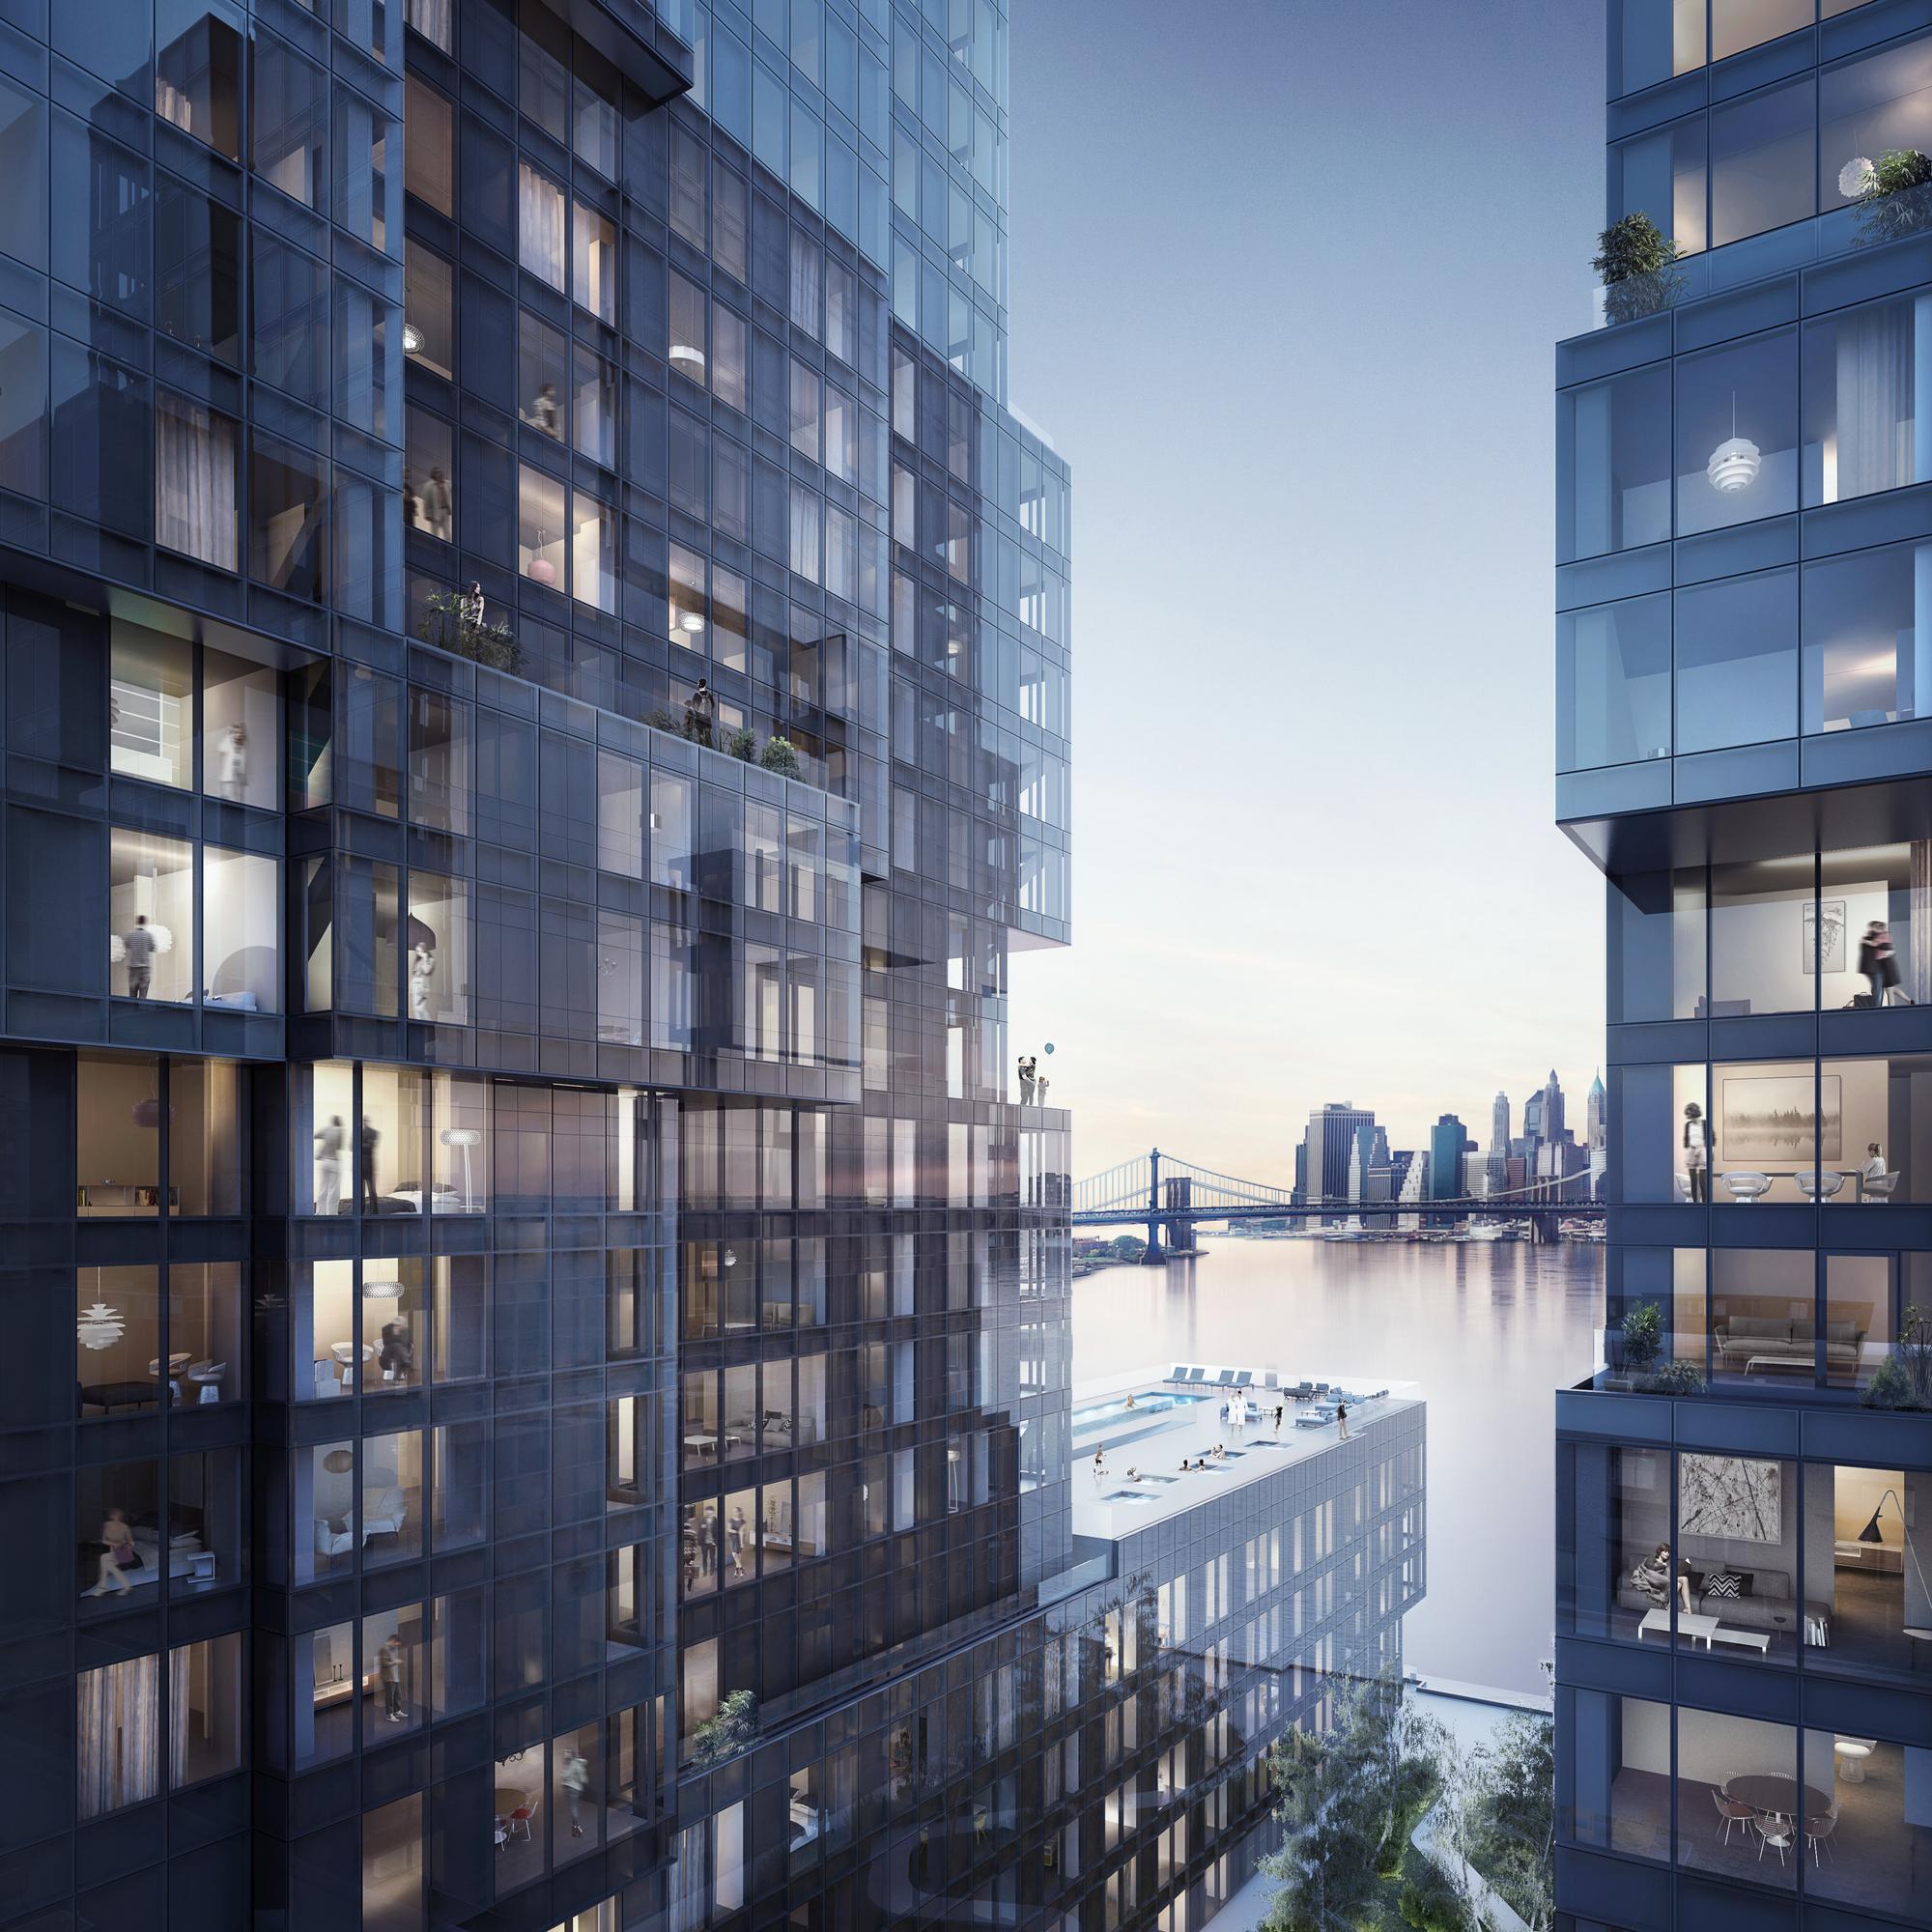 West Village Apartment Buildings